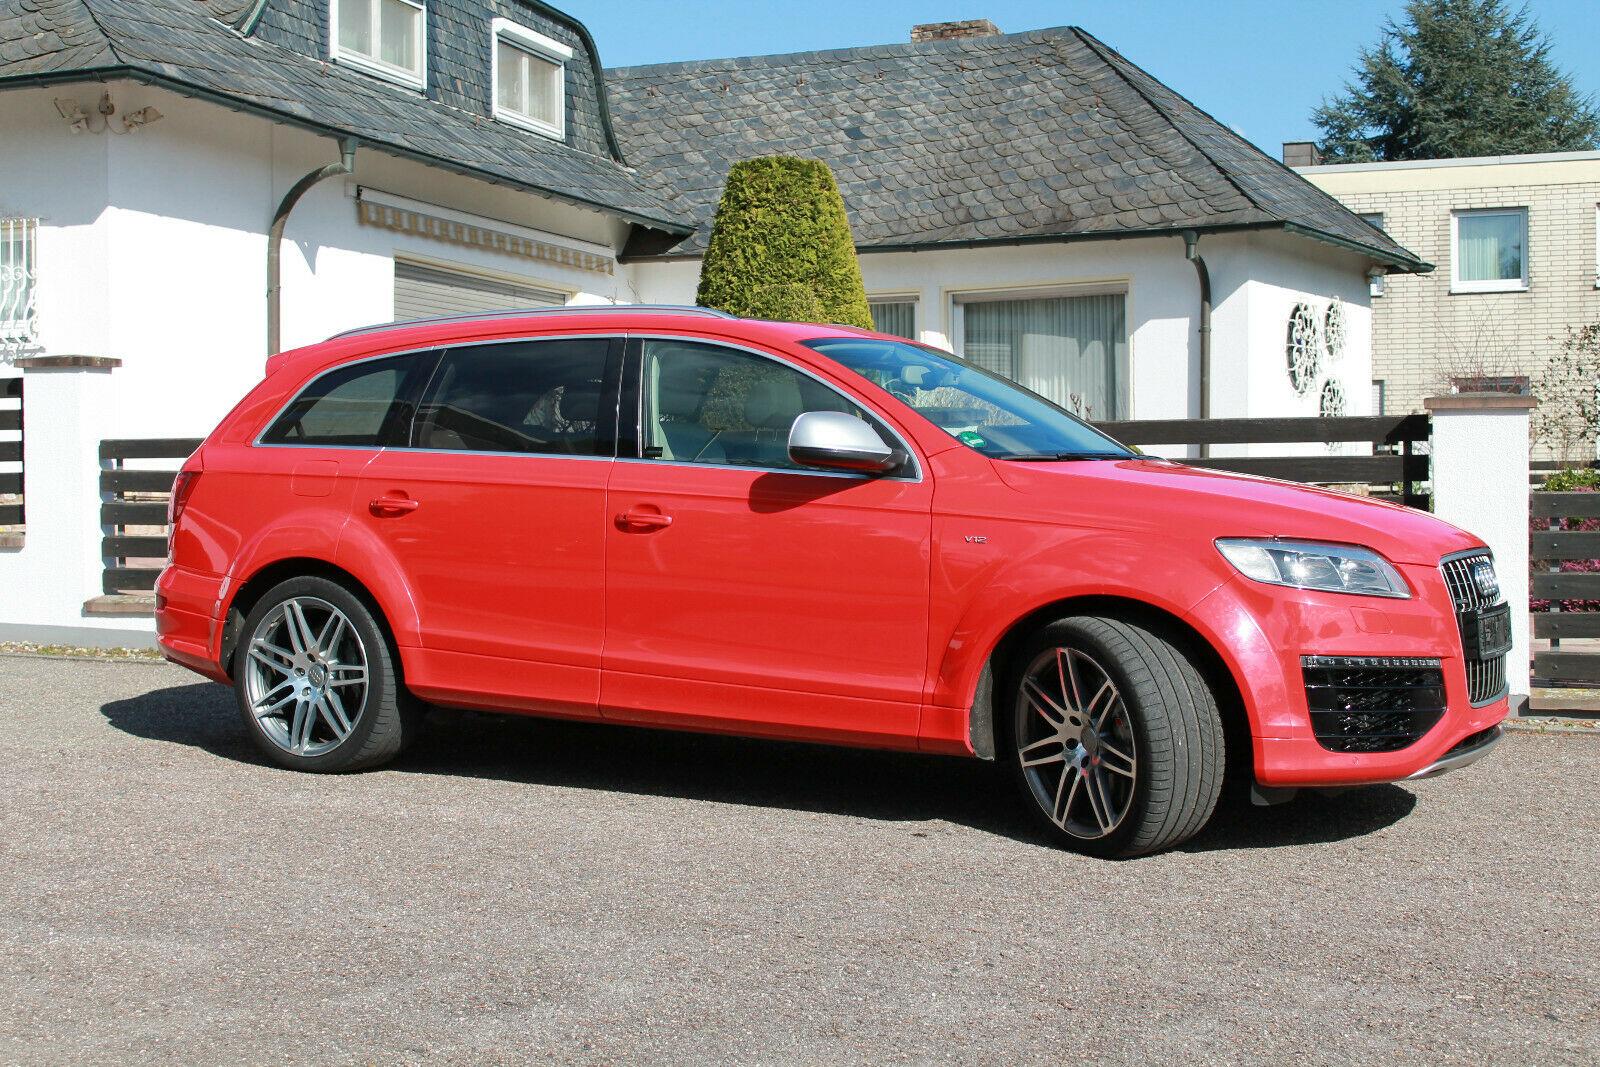 Audi Q7 V12 TDI rouge